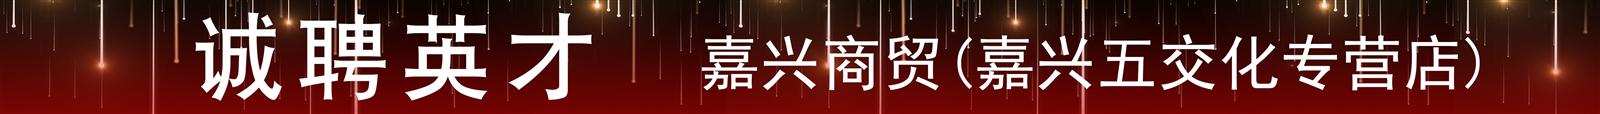 嘉兴商贸 (嘉兴五交化专营店)